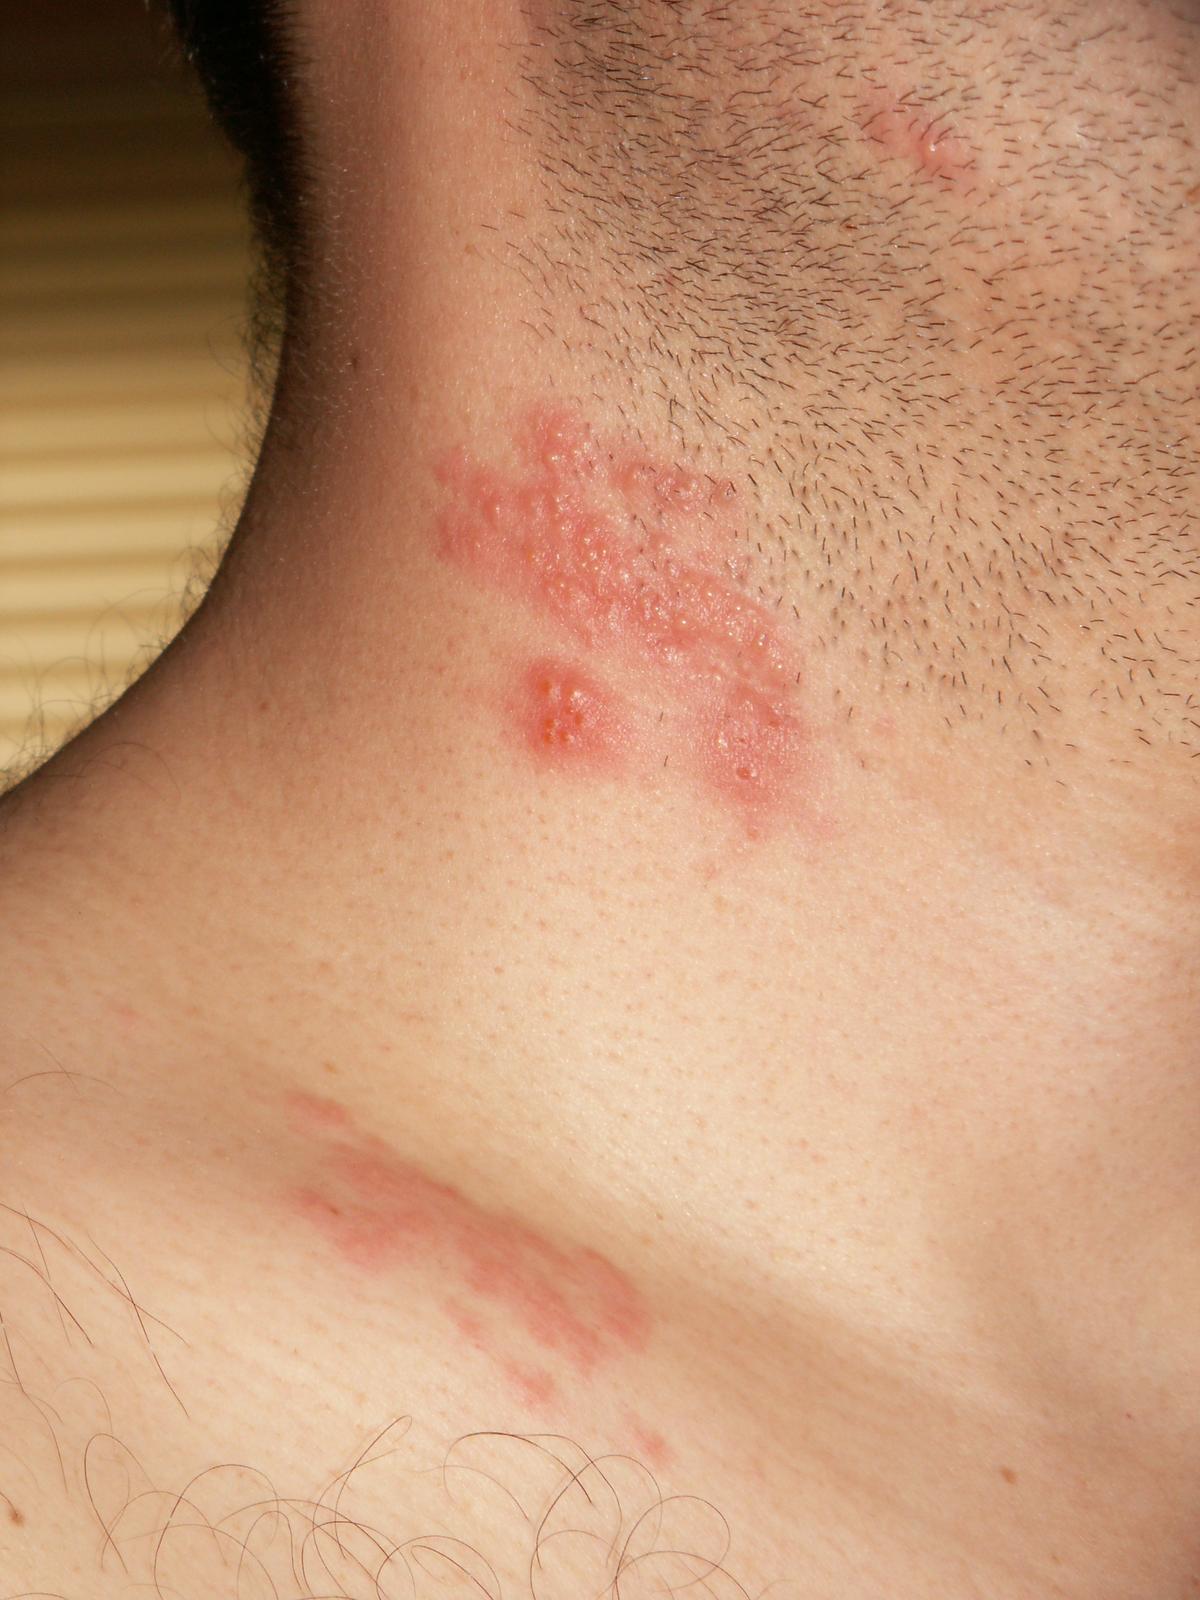 Опоясывающий лишай: фото, симптомы, лечение